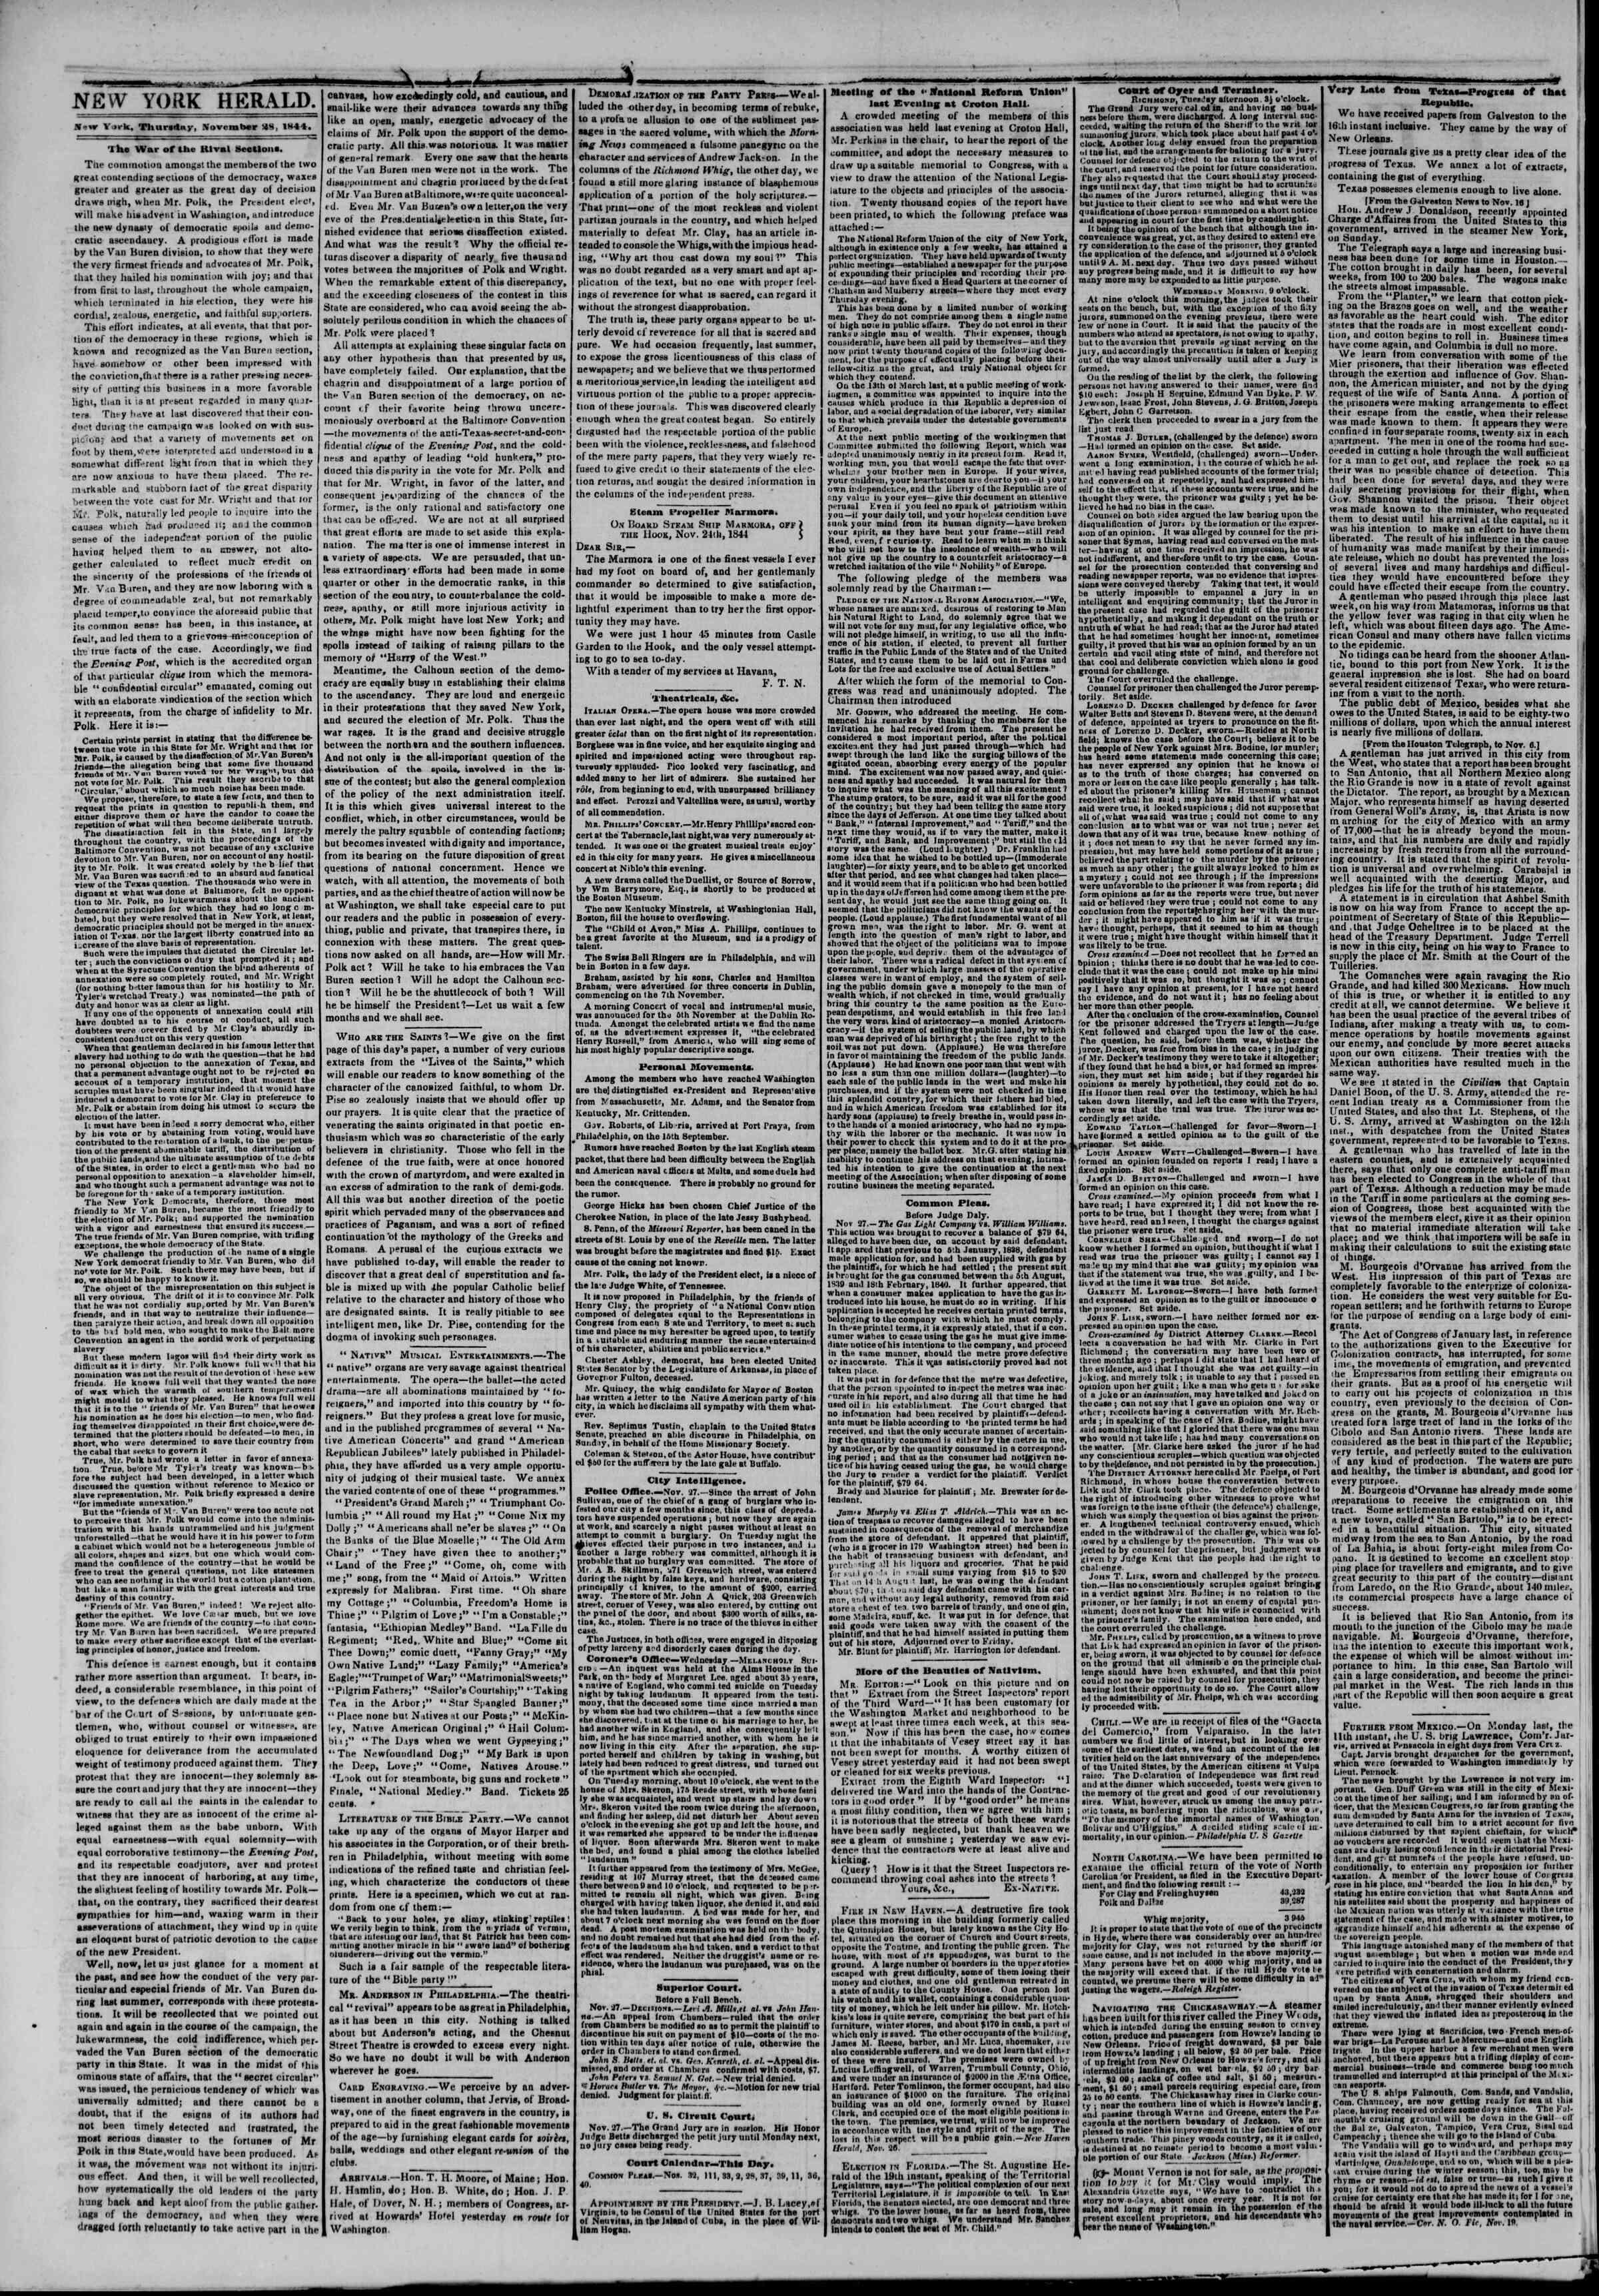 28 Kasım 1844 Tarihli The New York Herald Gazetesi Sayfa 2